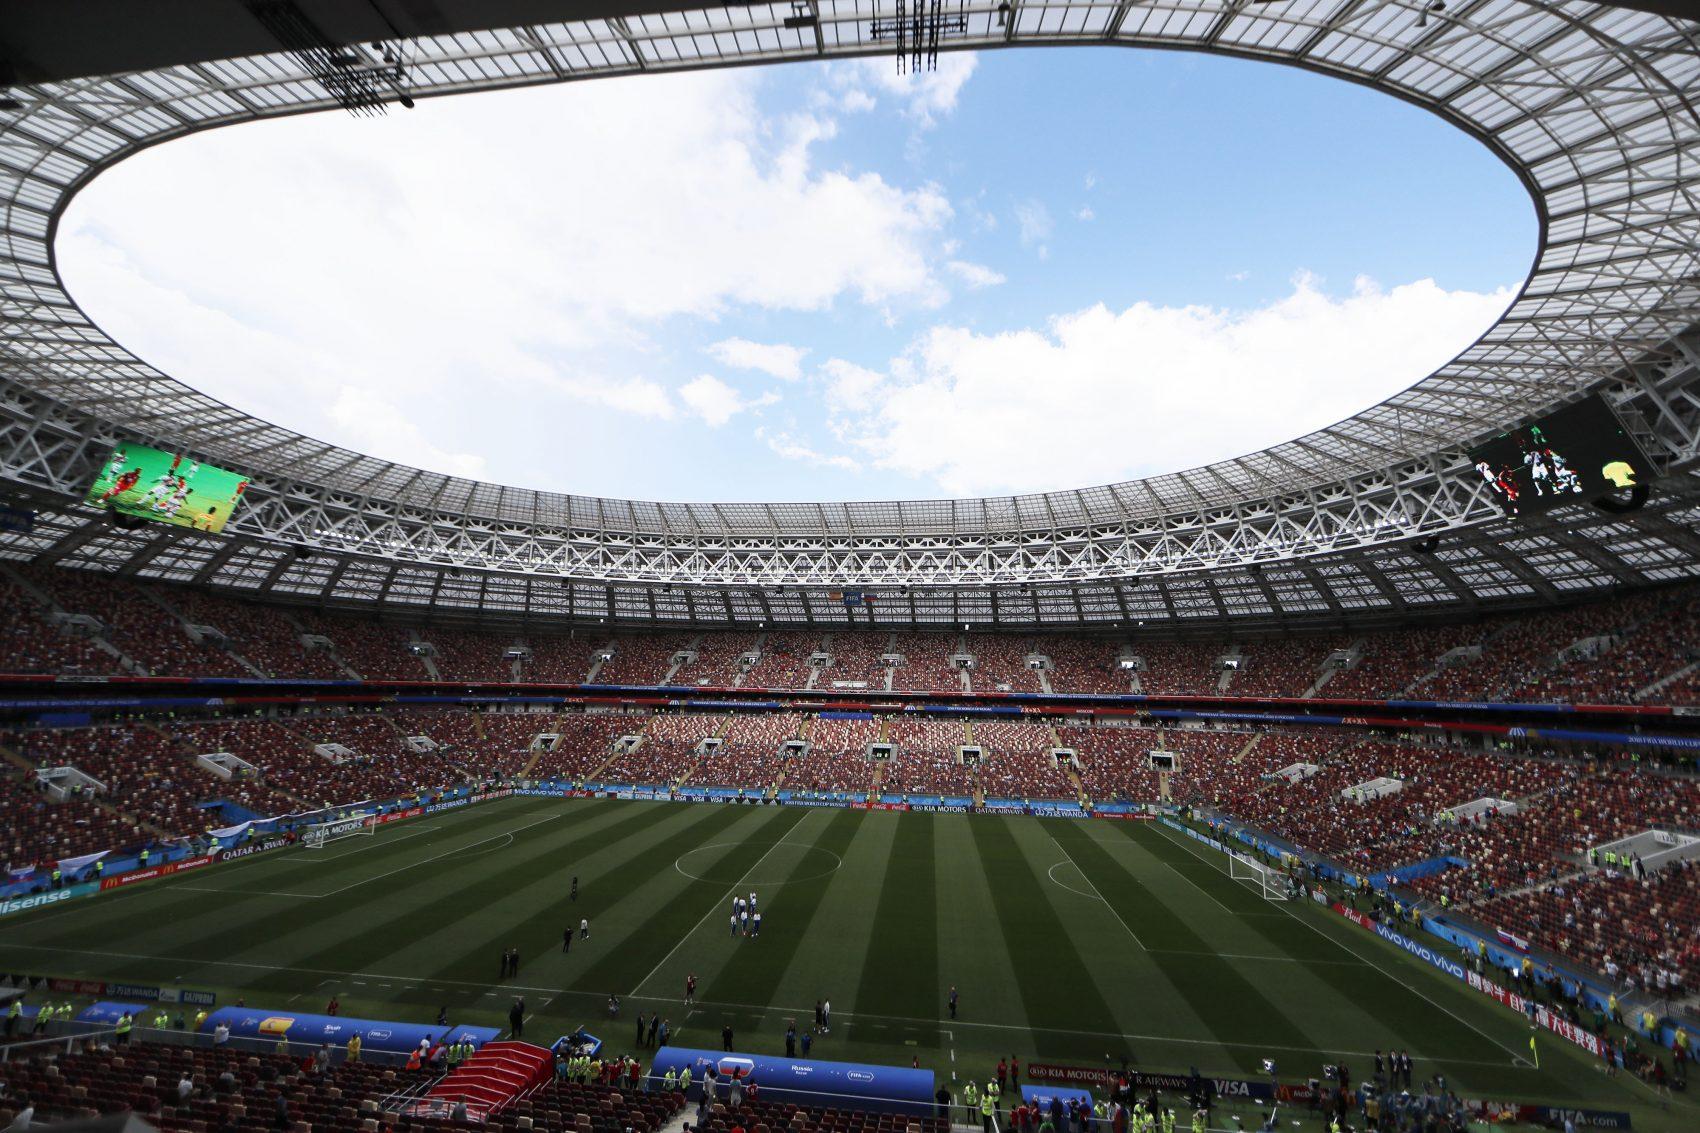 Estádio Luzhniki, em Moscou, um dos legados da Copa 2018 (Foto: Javier Garcia Martino/Mexsporto/AFP)